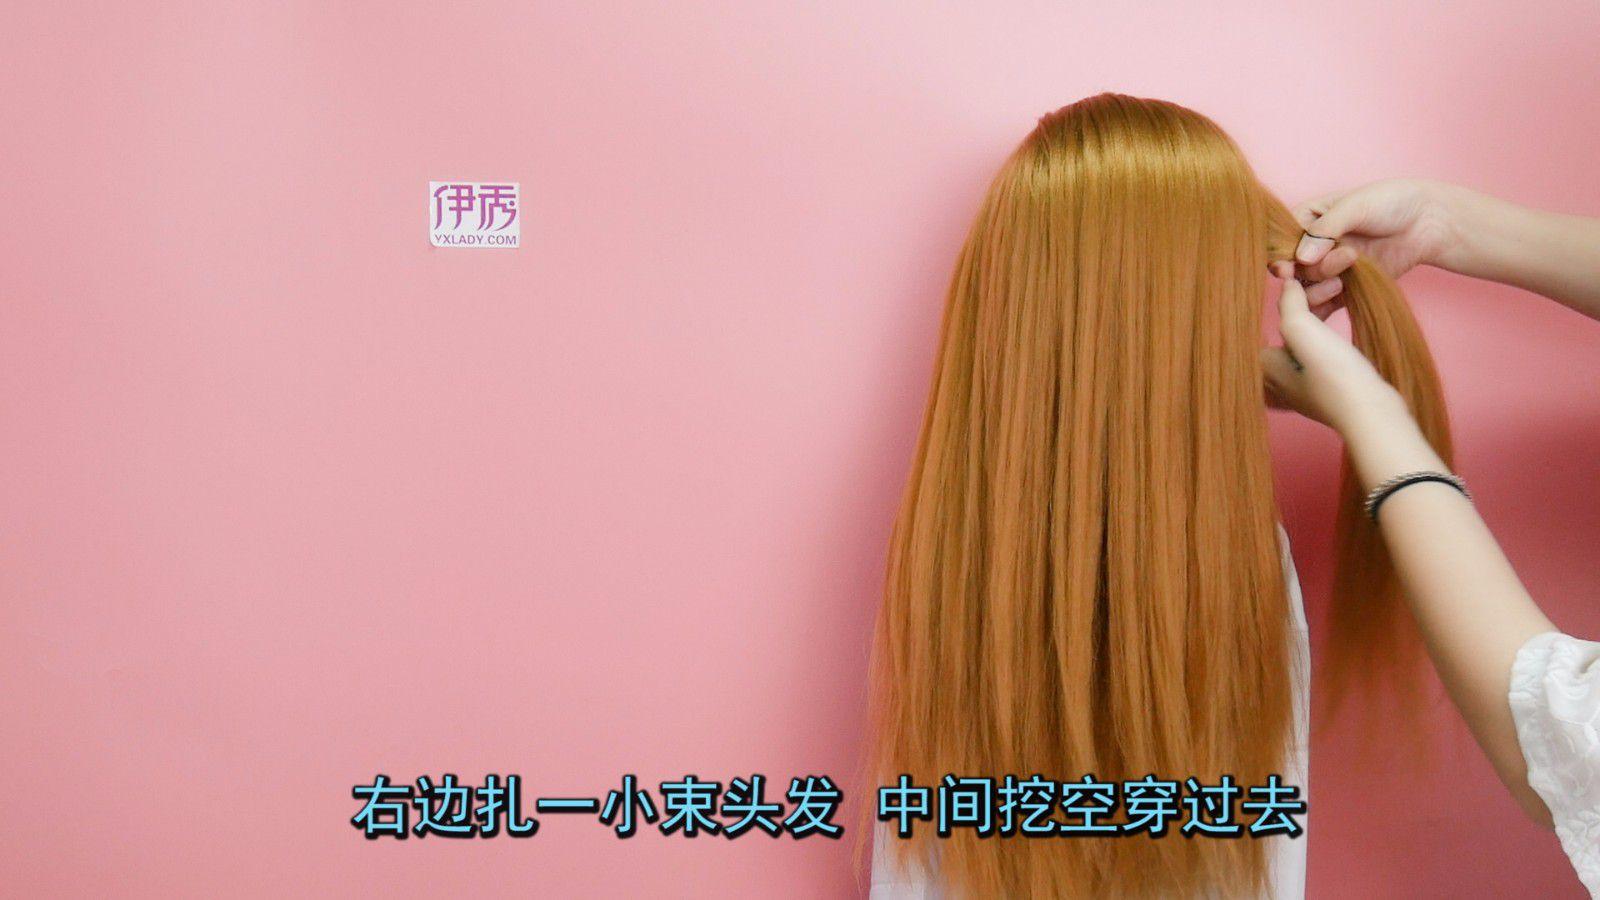 发型视频新娘简单a发型的发型新娘侧边盘发铲教学青图片